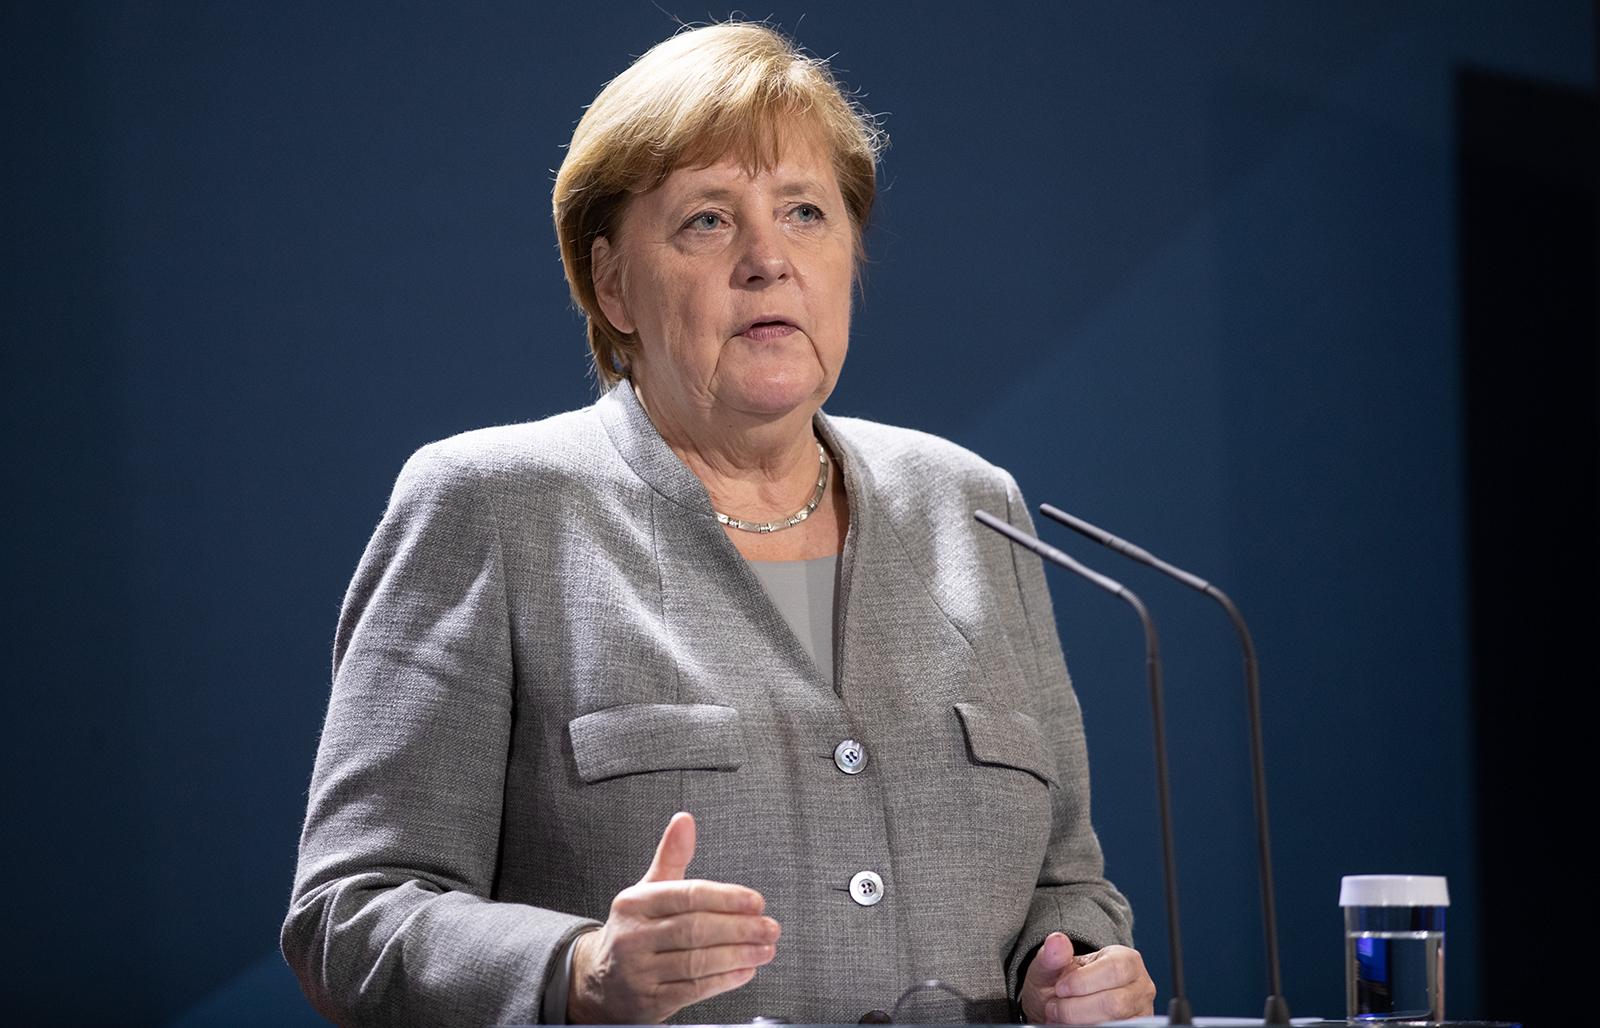 German Chancellor Angela Merkel speaks to the media in Berlin, on November 10.